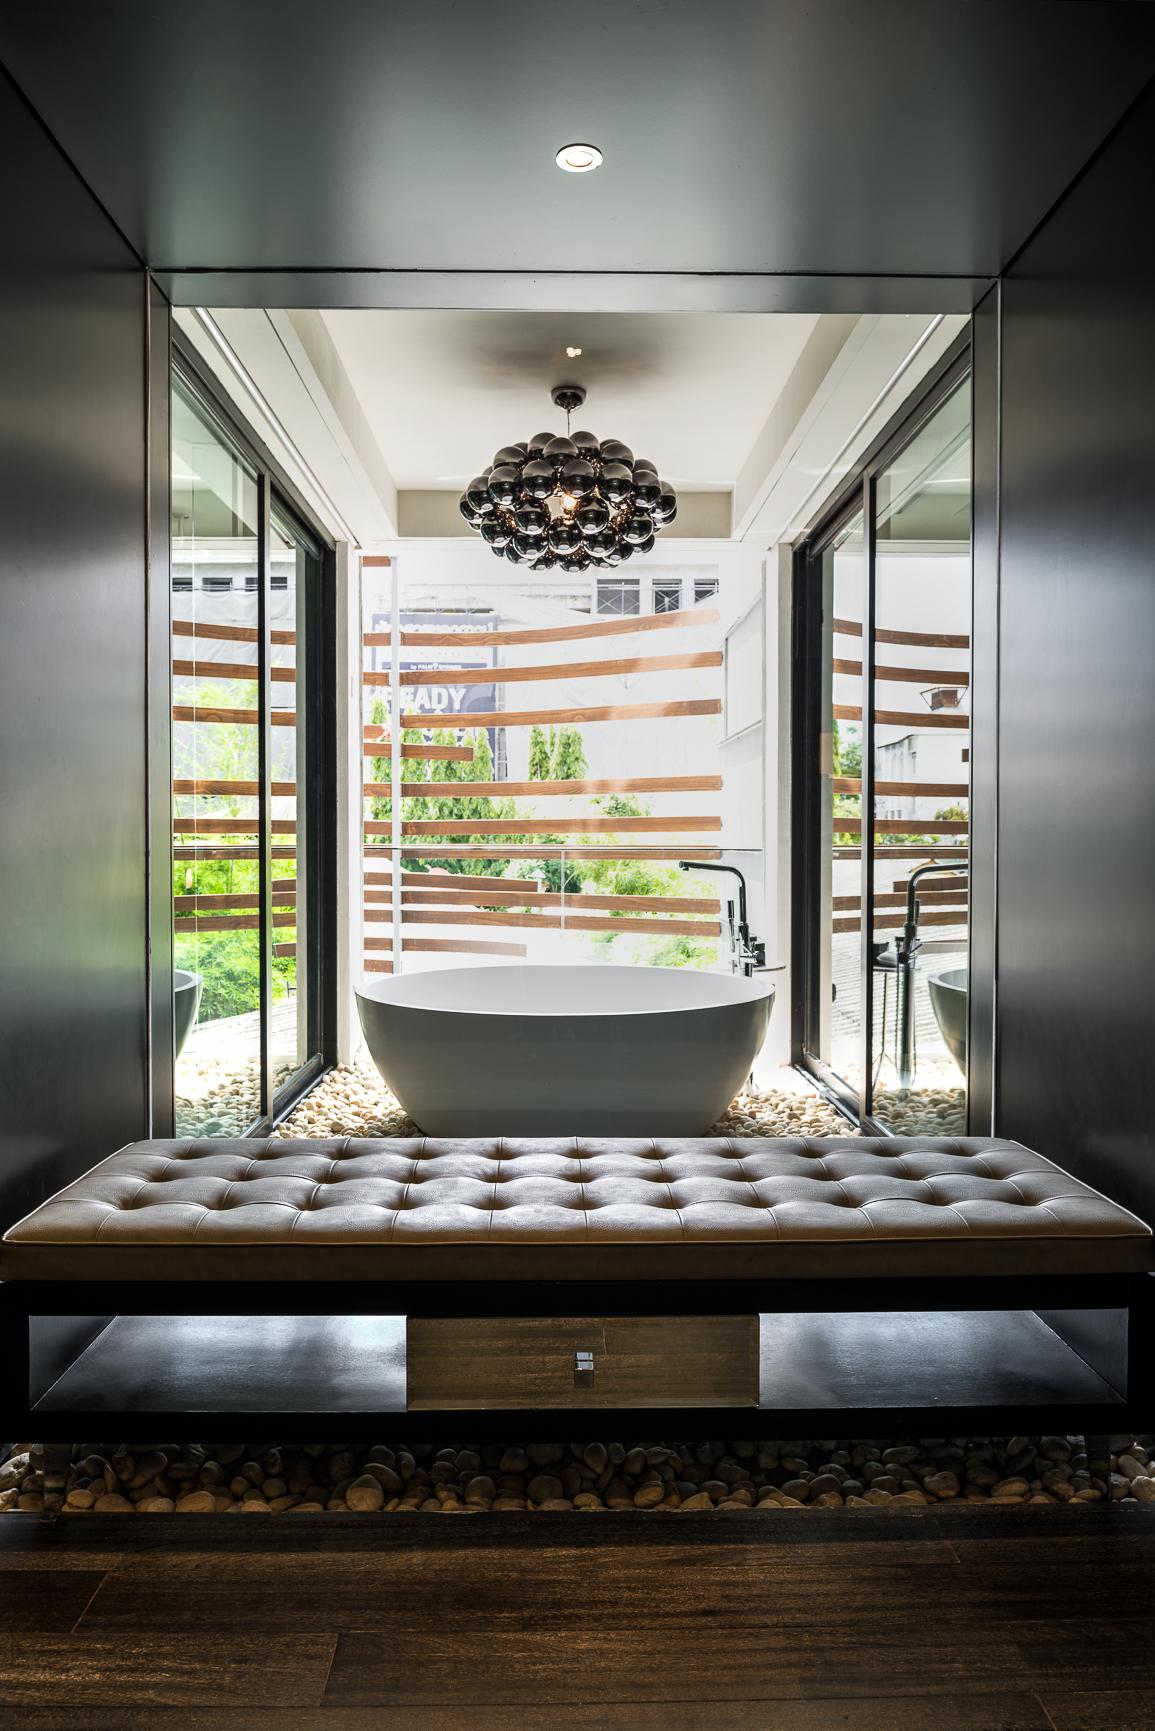 akyra Manor Bathroom Art